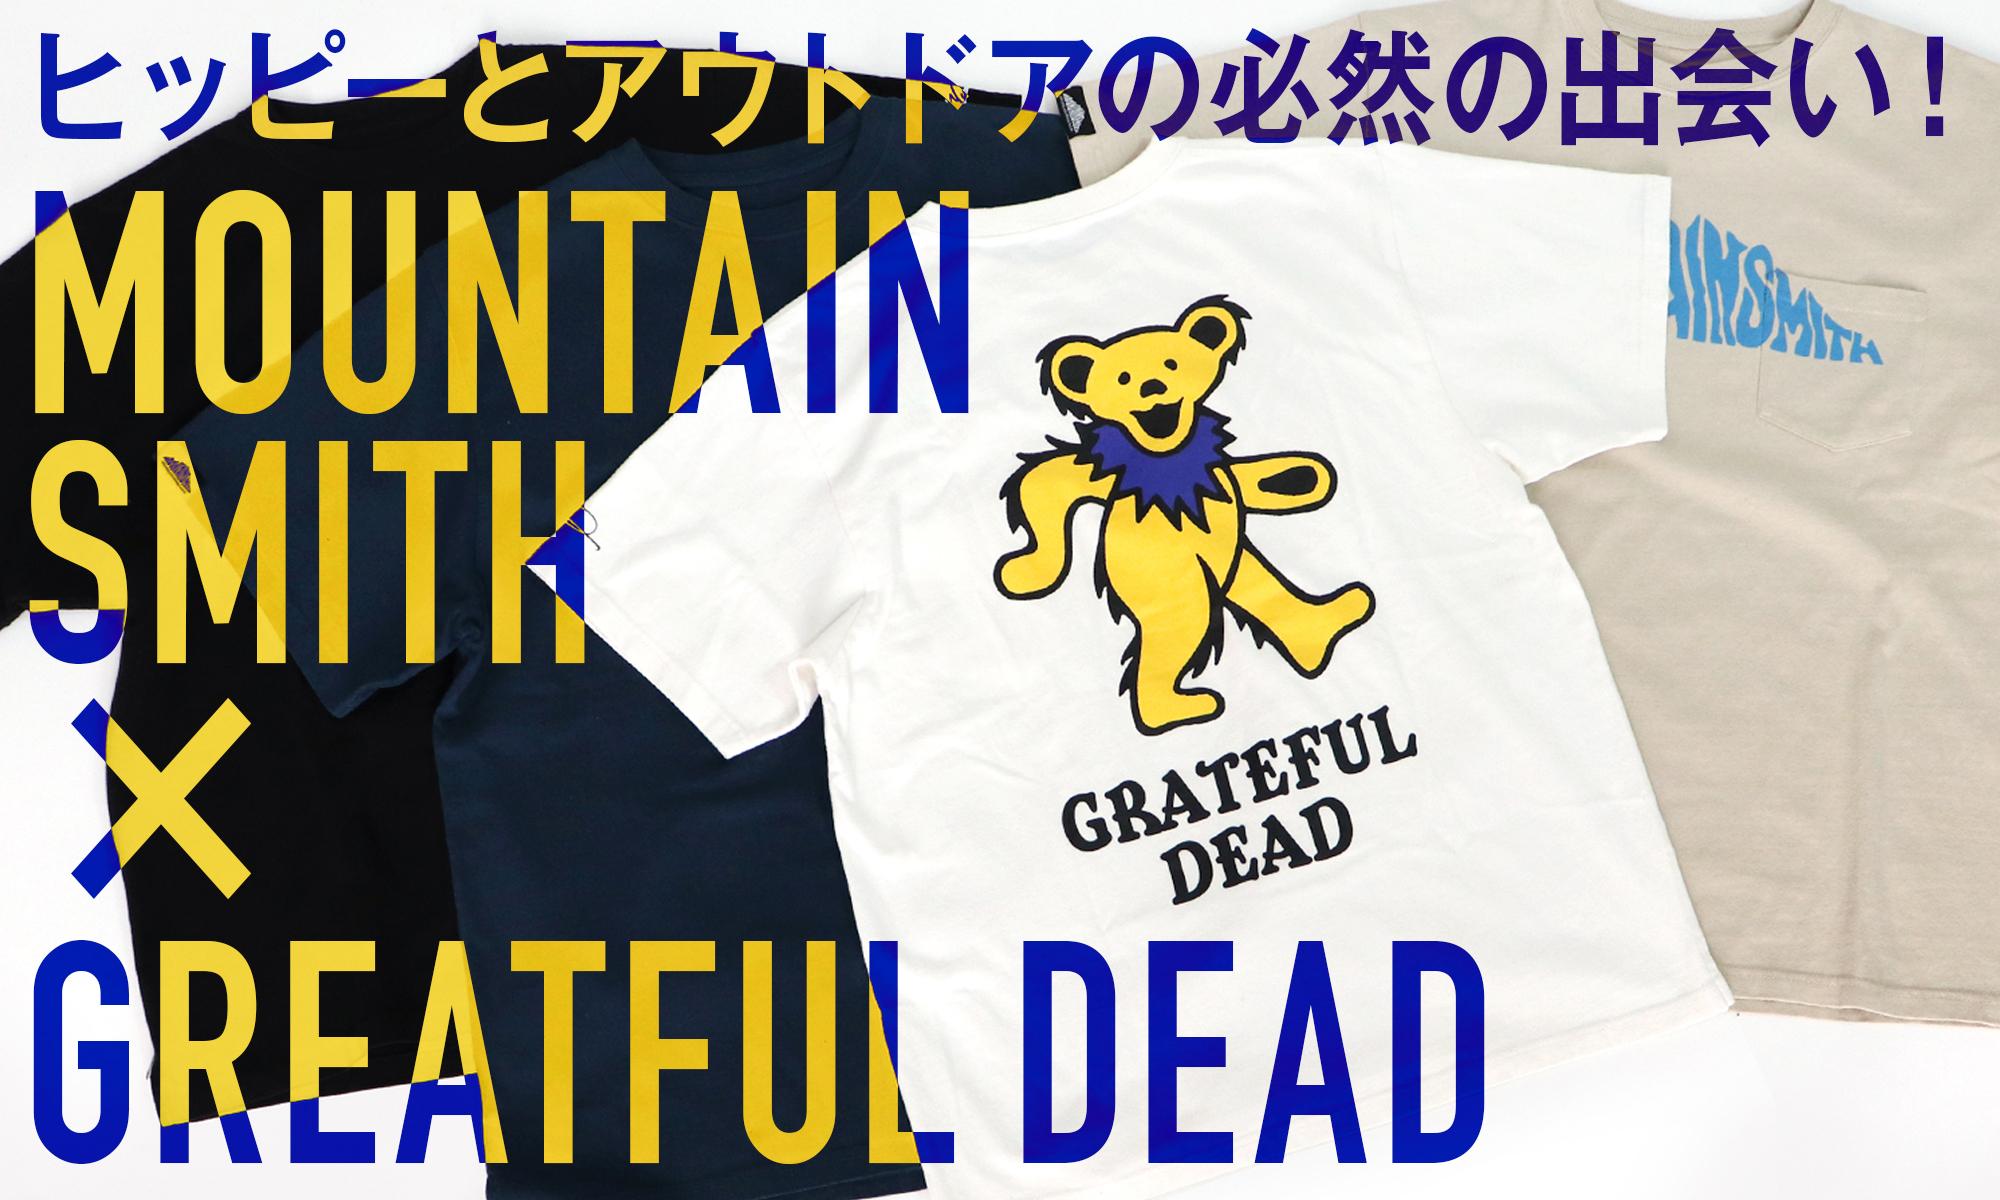 ヒッピーとアウトドアの必然の出会い! -MOUNTAINSMITH × GREATFUL DEAD-